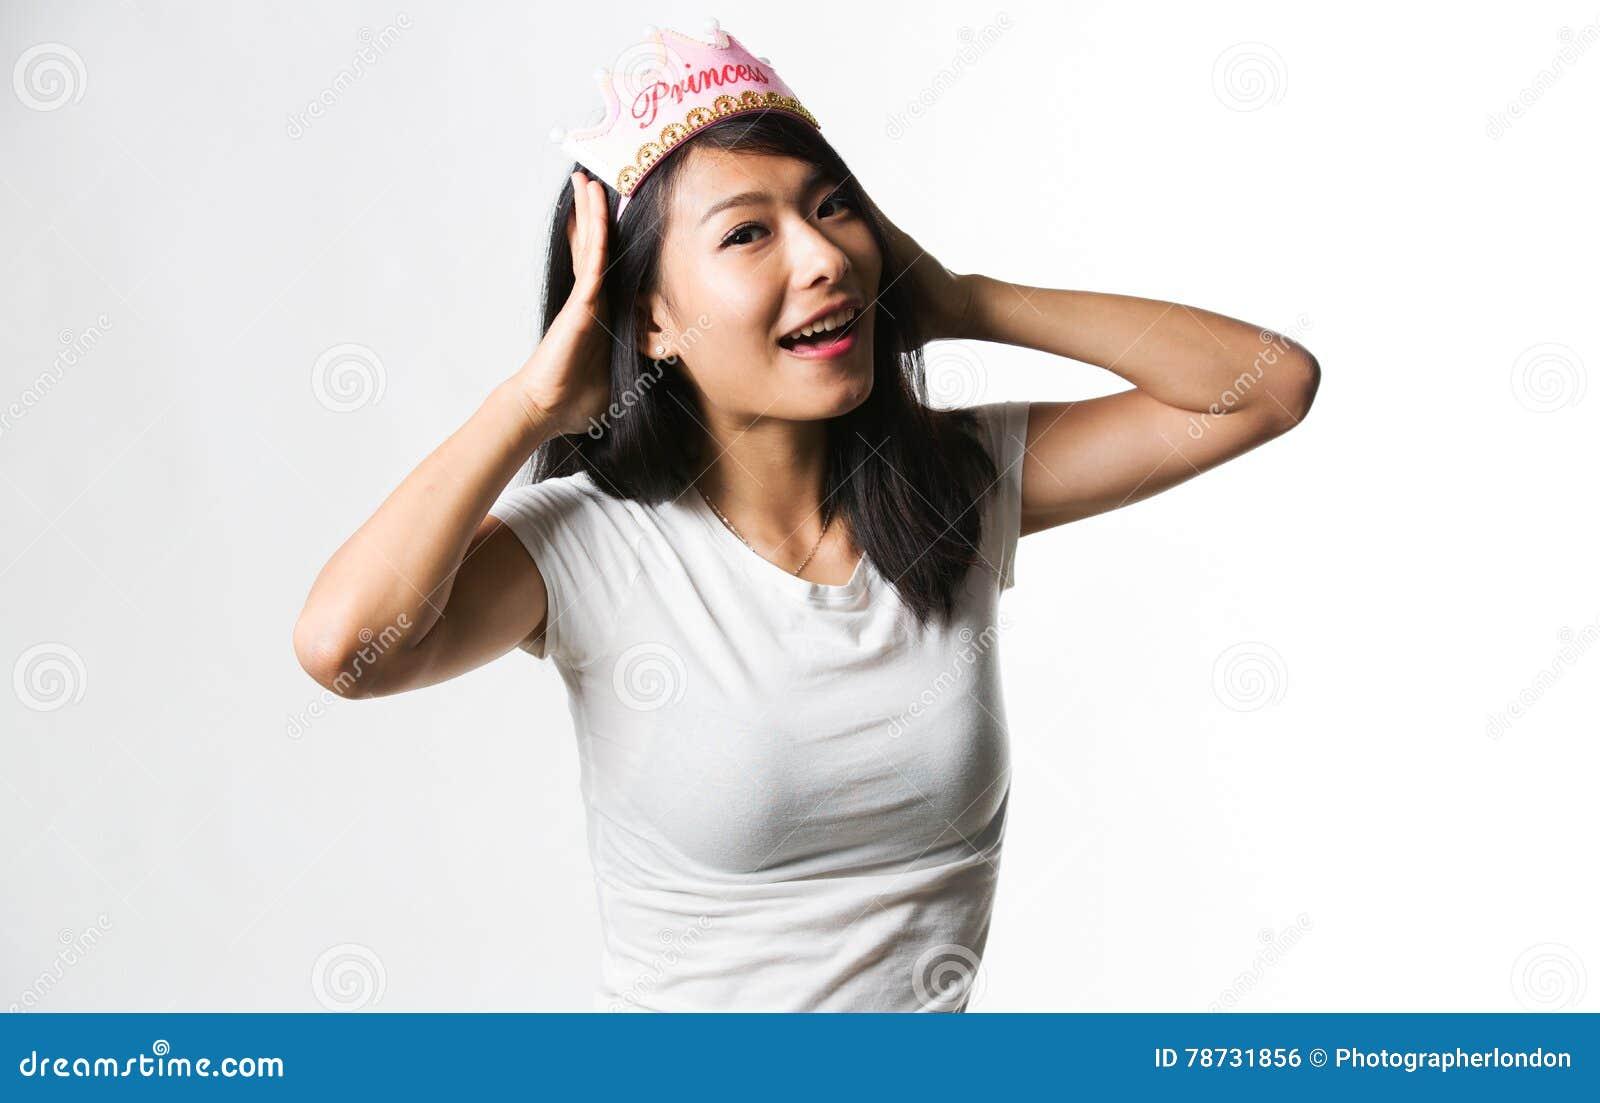 Kinesisk kvinna som har gyckel med en prinsessakrona